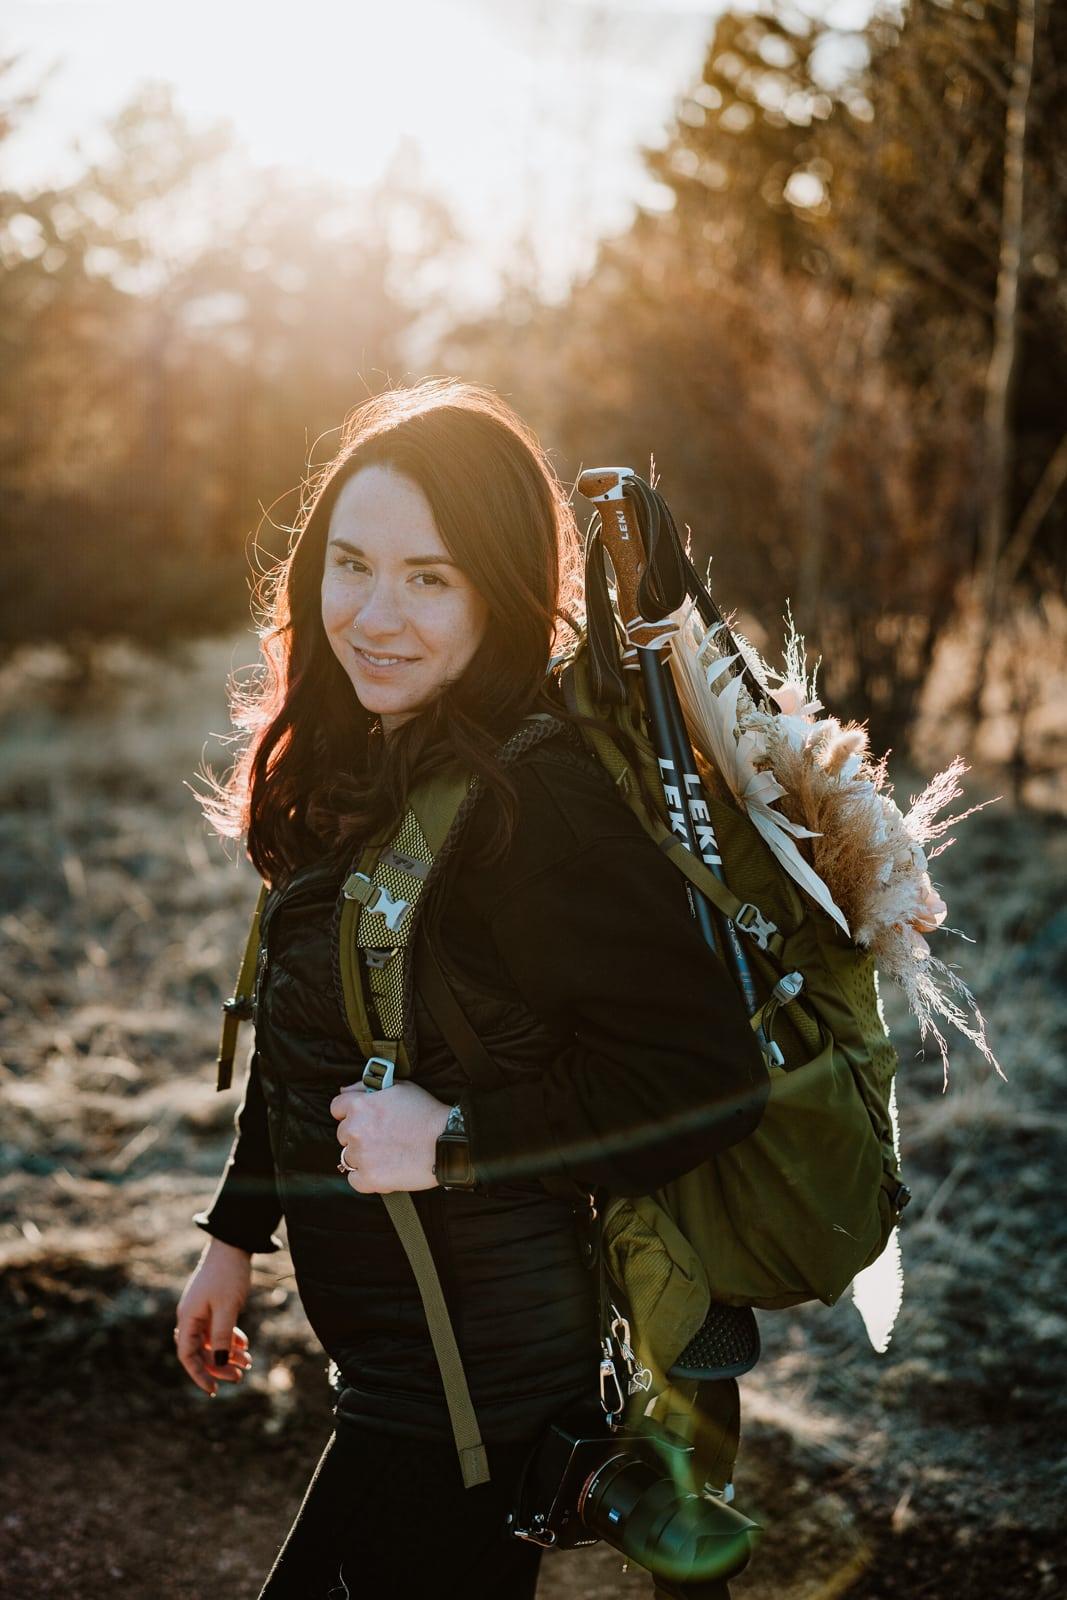 Self portrait of Colorado elopement photographer, Paige Weber